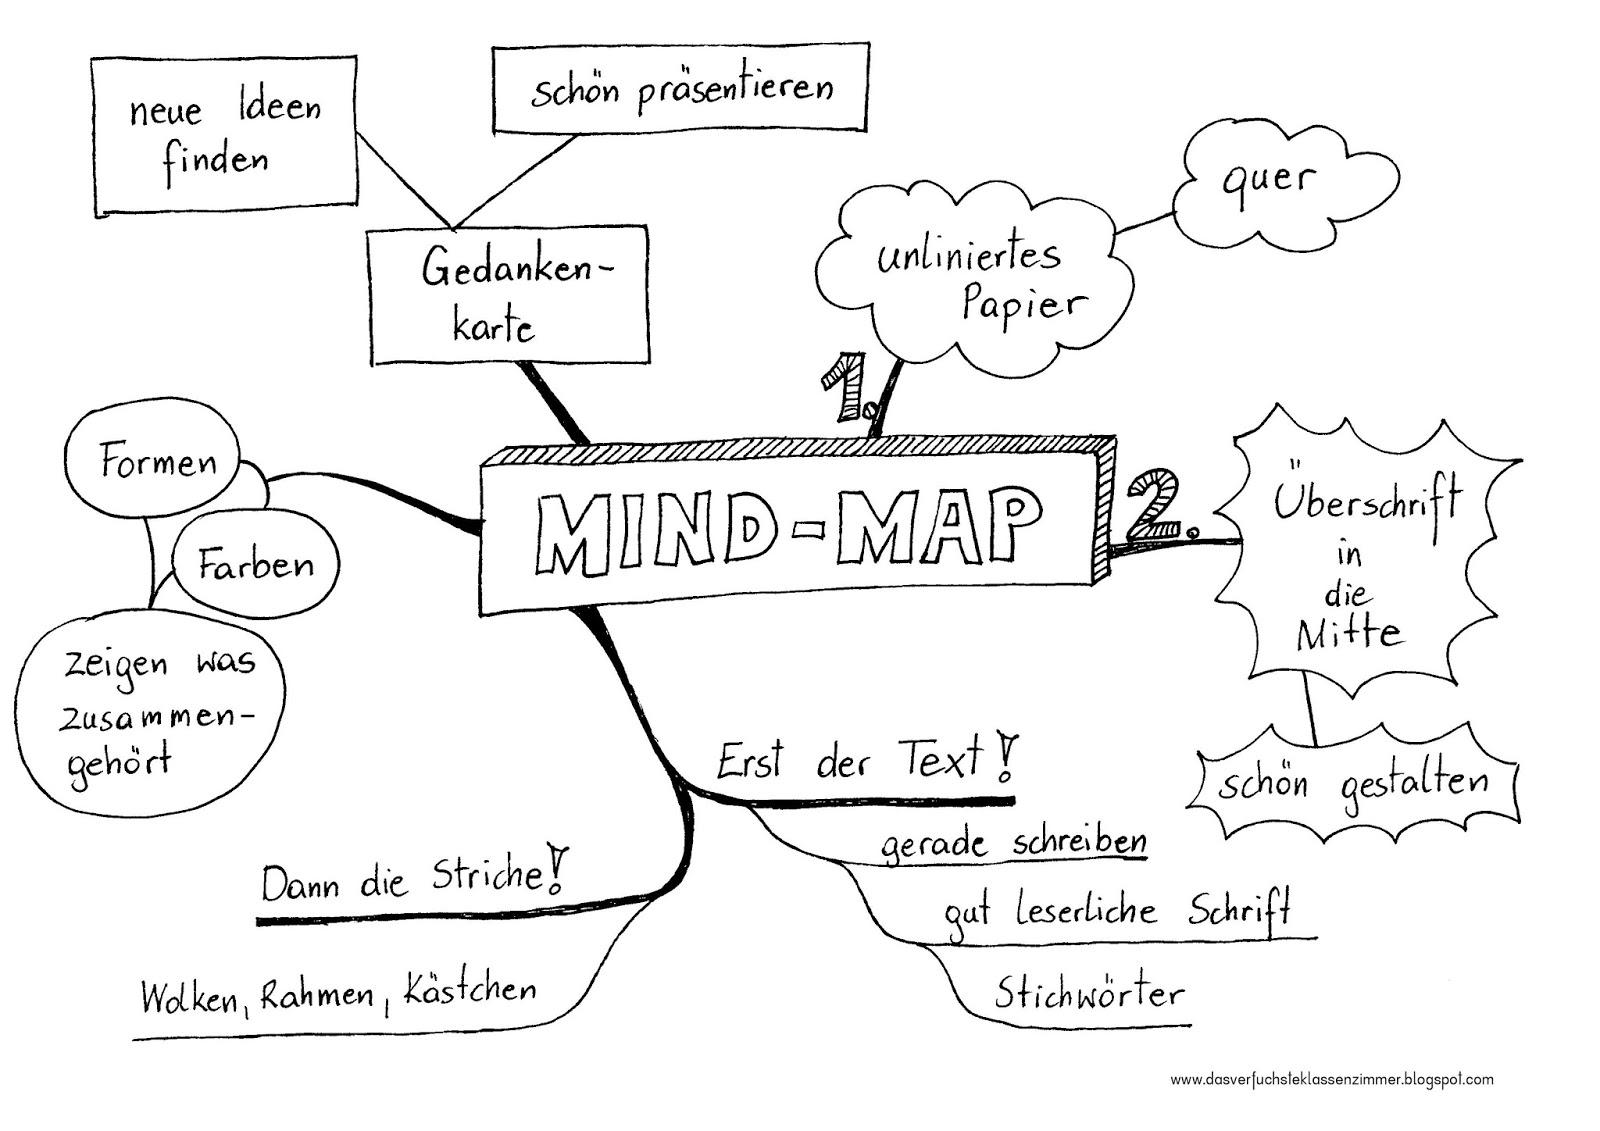 Arbeitsblatt Mindmap : Das verfuchste klassenzimmer mind map